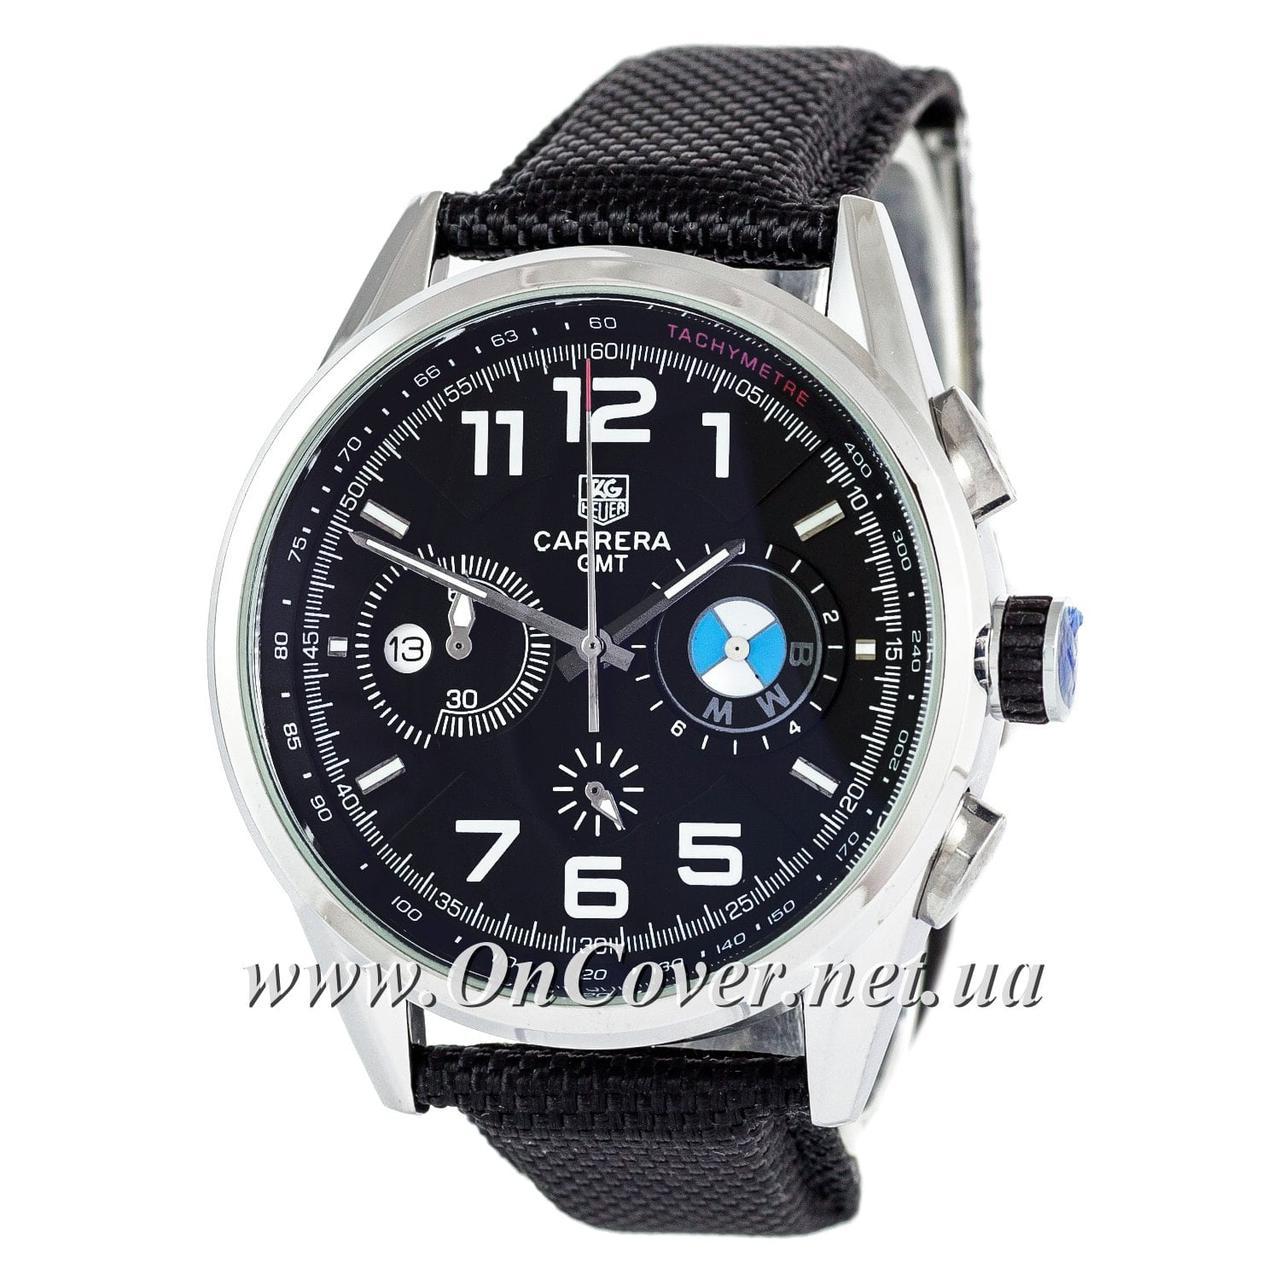 Часы кварц хронограф купить в купить часы чайка настольные